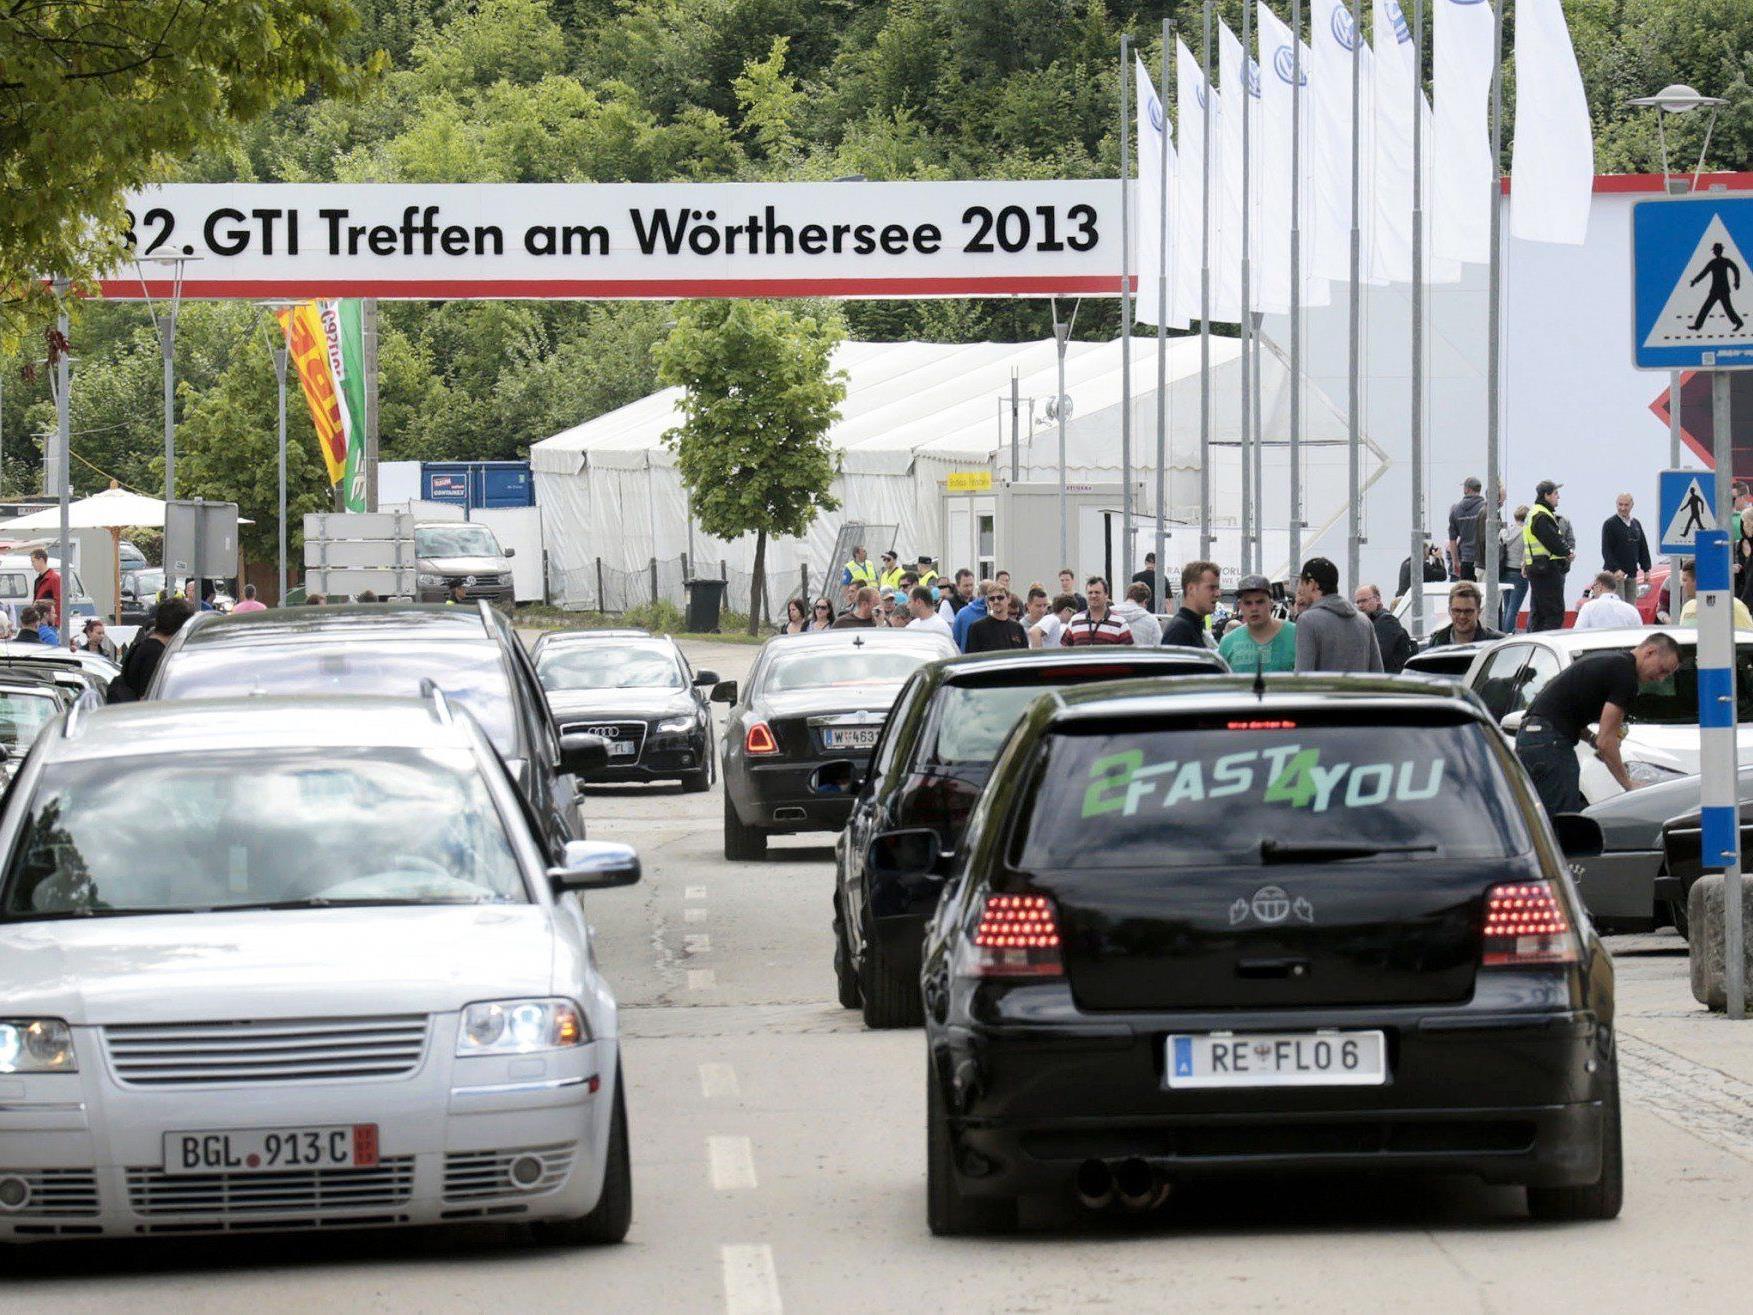 Offizieller Termin 28. bis 31. Mai - Polizei verstärkte bereits Präsenz im Großraum Wörthersee.